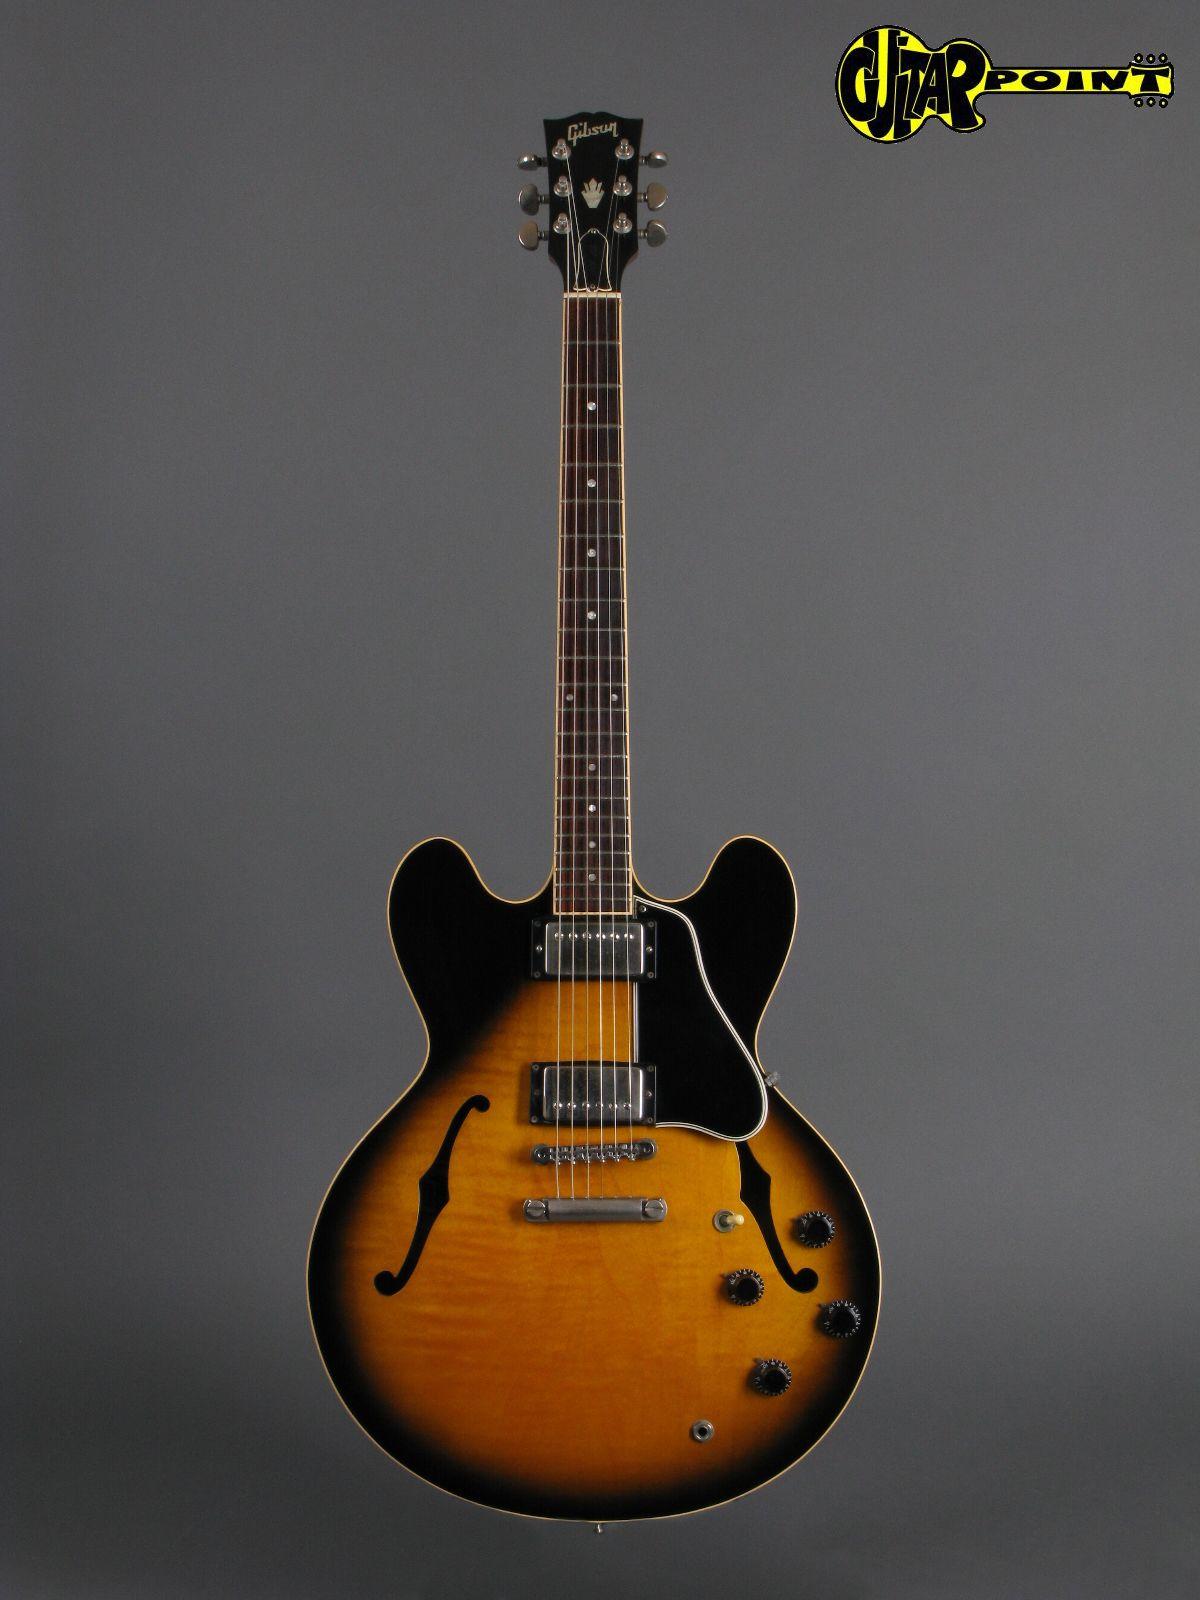 gibson es 335 1993 vintage sunburst guitar for sale guitarpoint. Black Bedroom Furniture Sets. Home Design Ideas